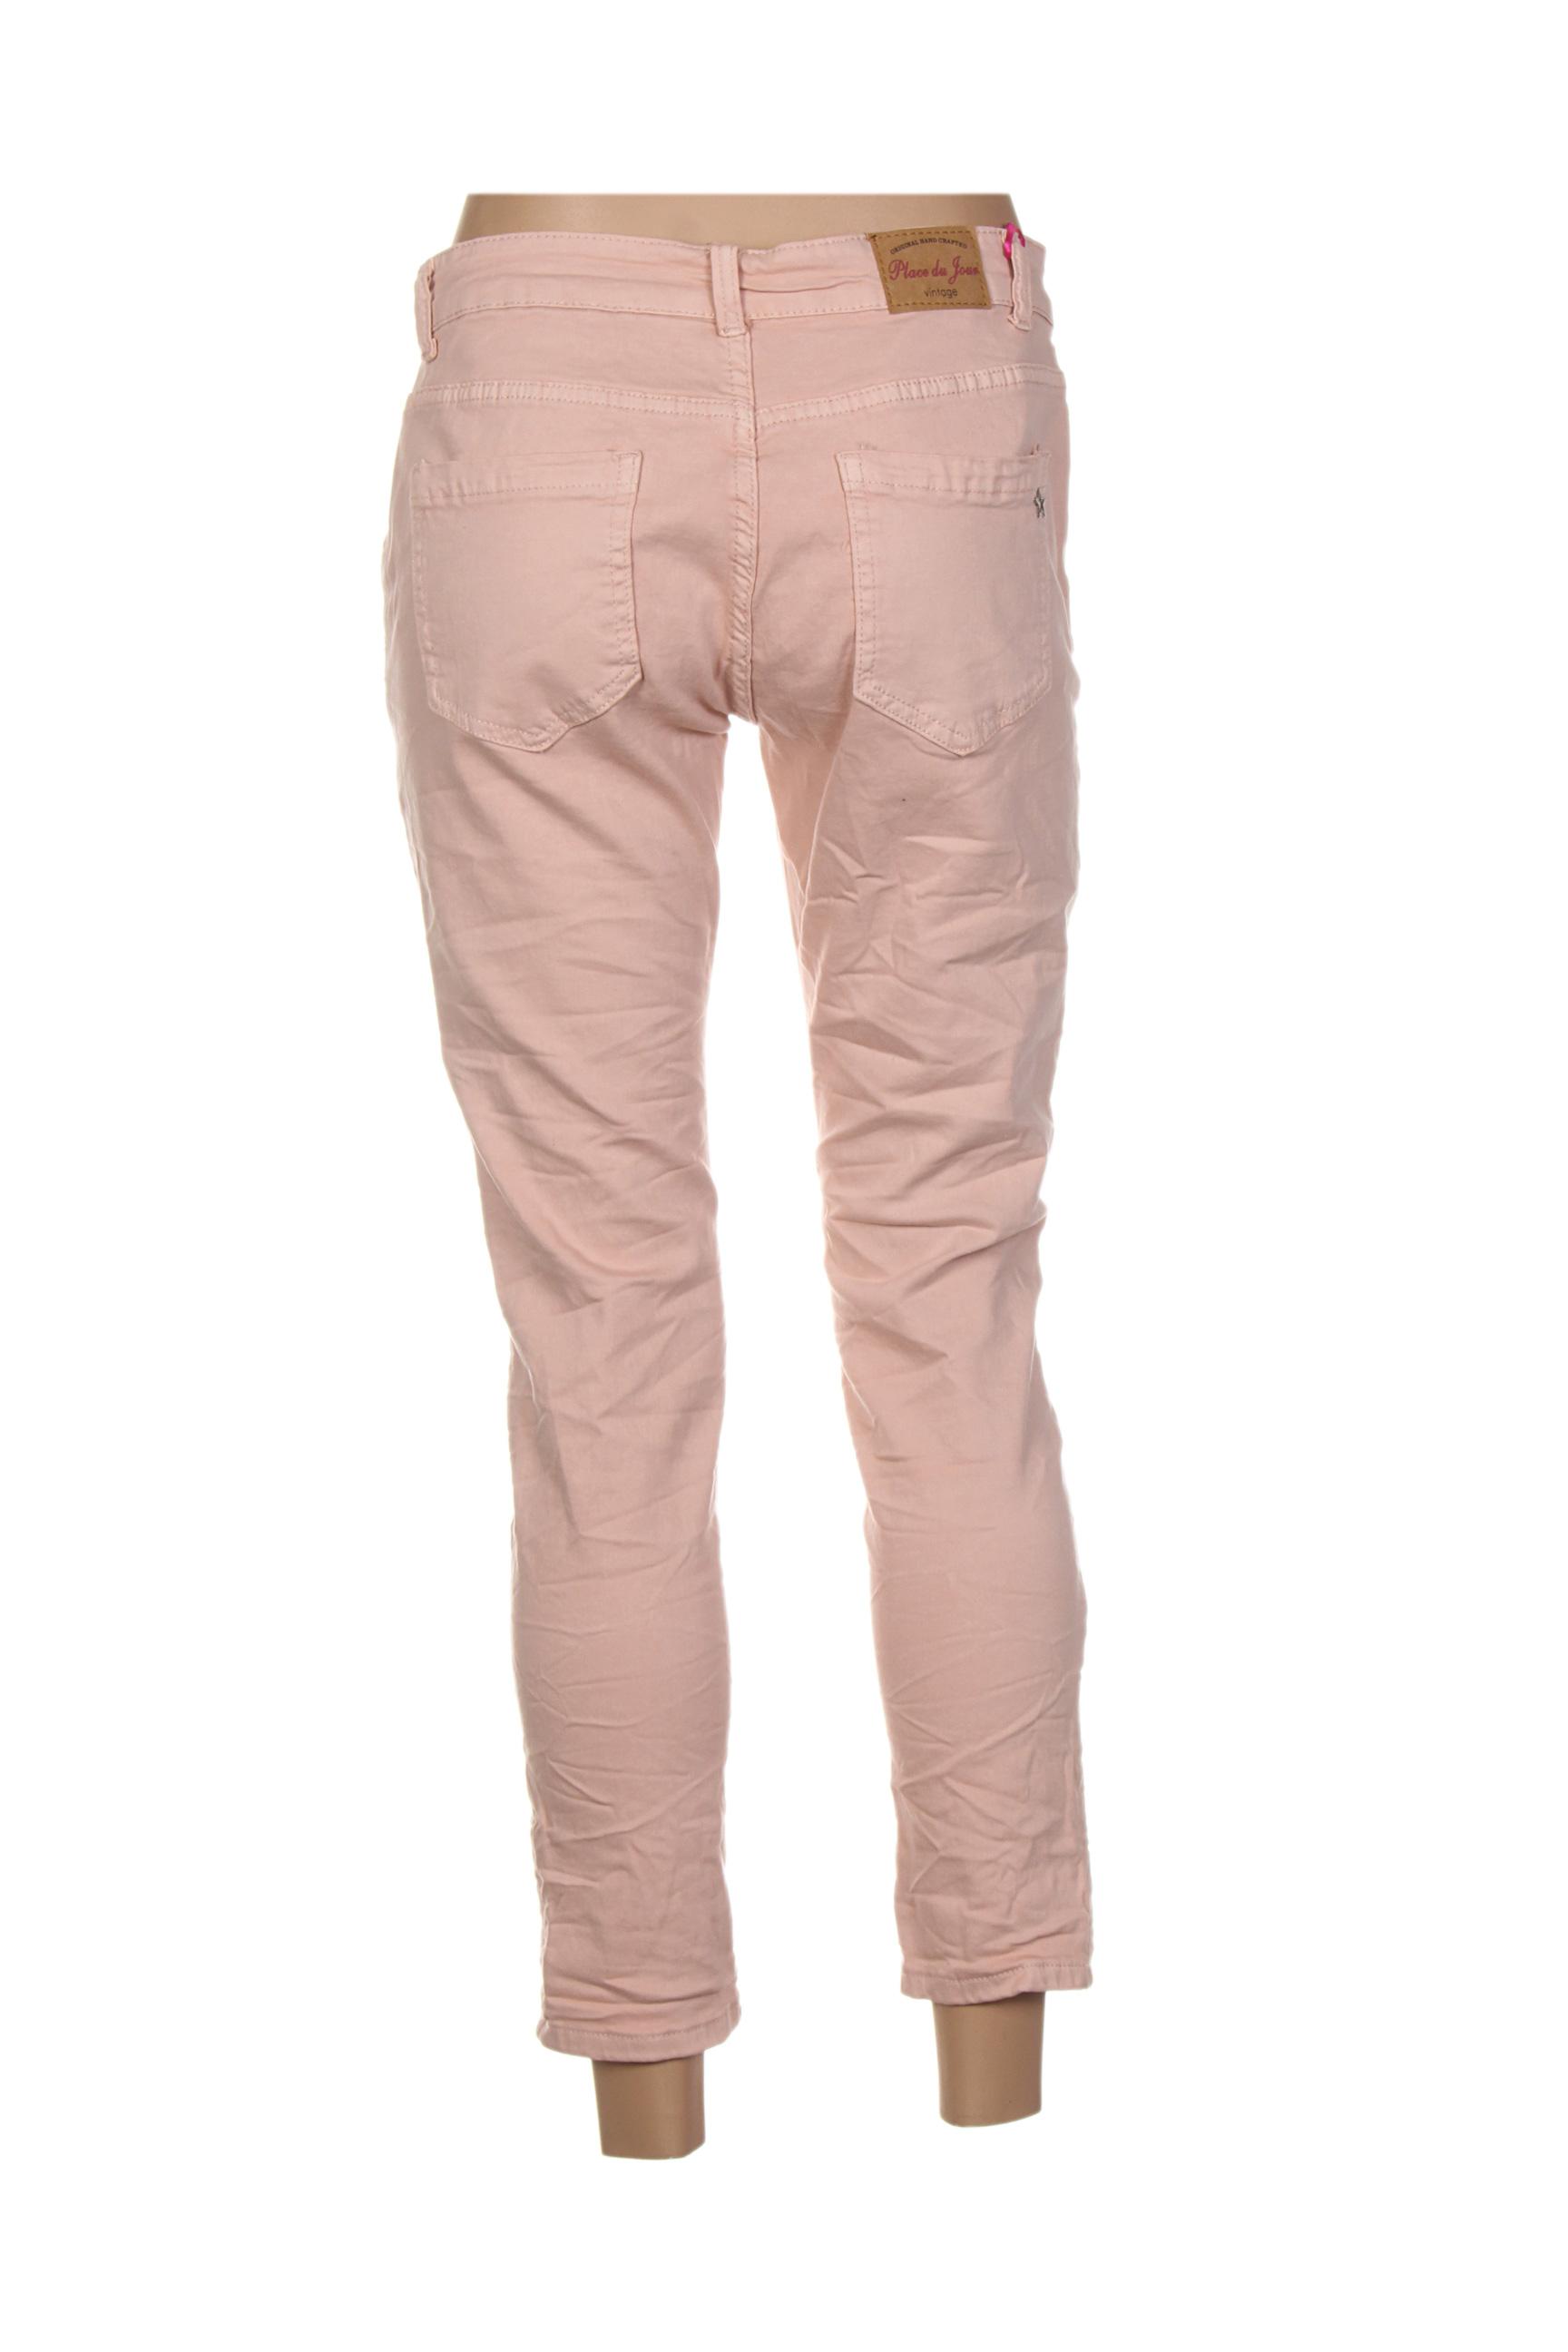 place du jour jeans coupe slim femme de couleur rose en soldes pas cher 1326495 rose00 modz